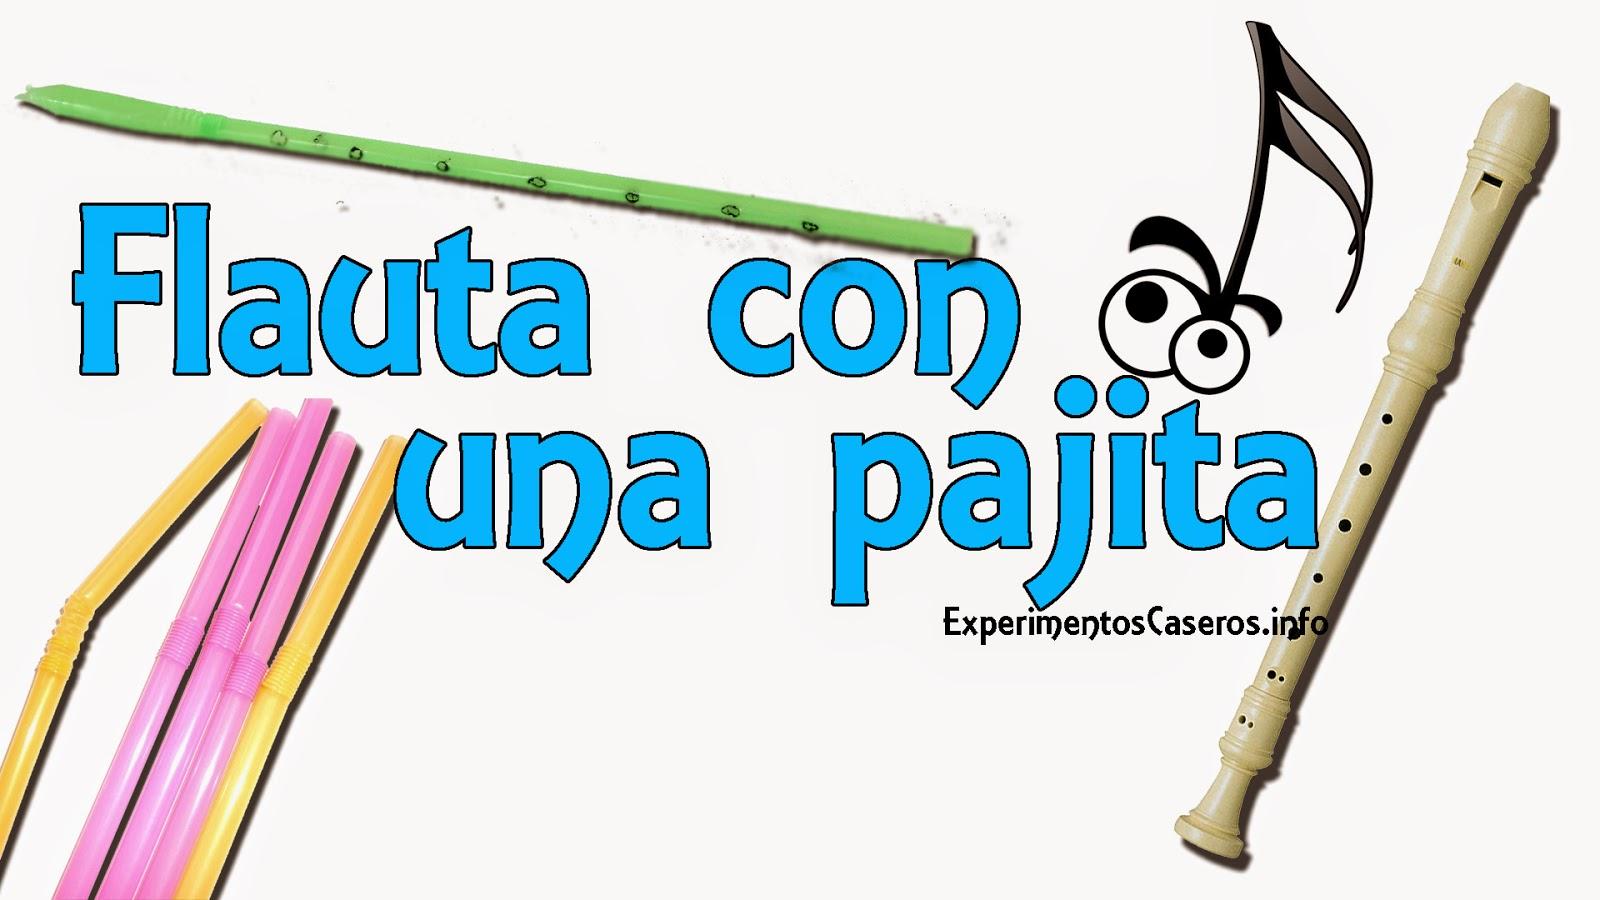 Cómo hacer una flauta casera con una pajitam flauta casera, experimentos caseros, experimentos, experimento, experimentos sencillos, experimentos para niños, experimentos fáciles, feria de ciencias, experimentos para la feria de ciencias, inventos, inventos caseros, invento